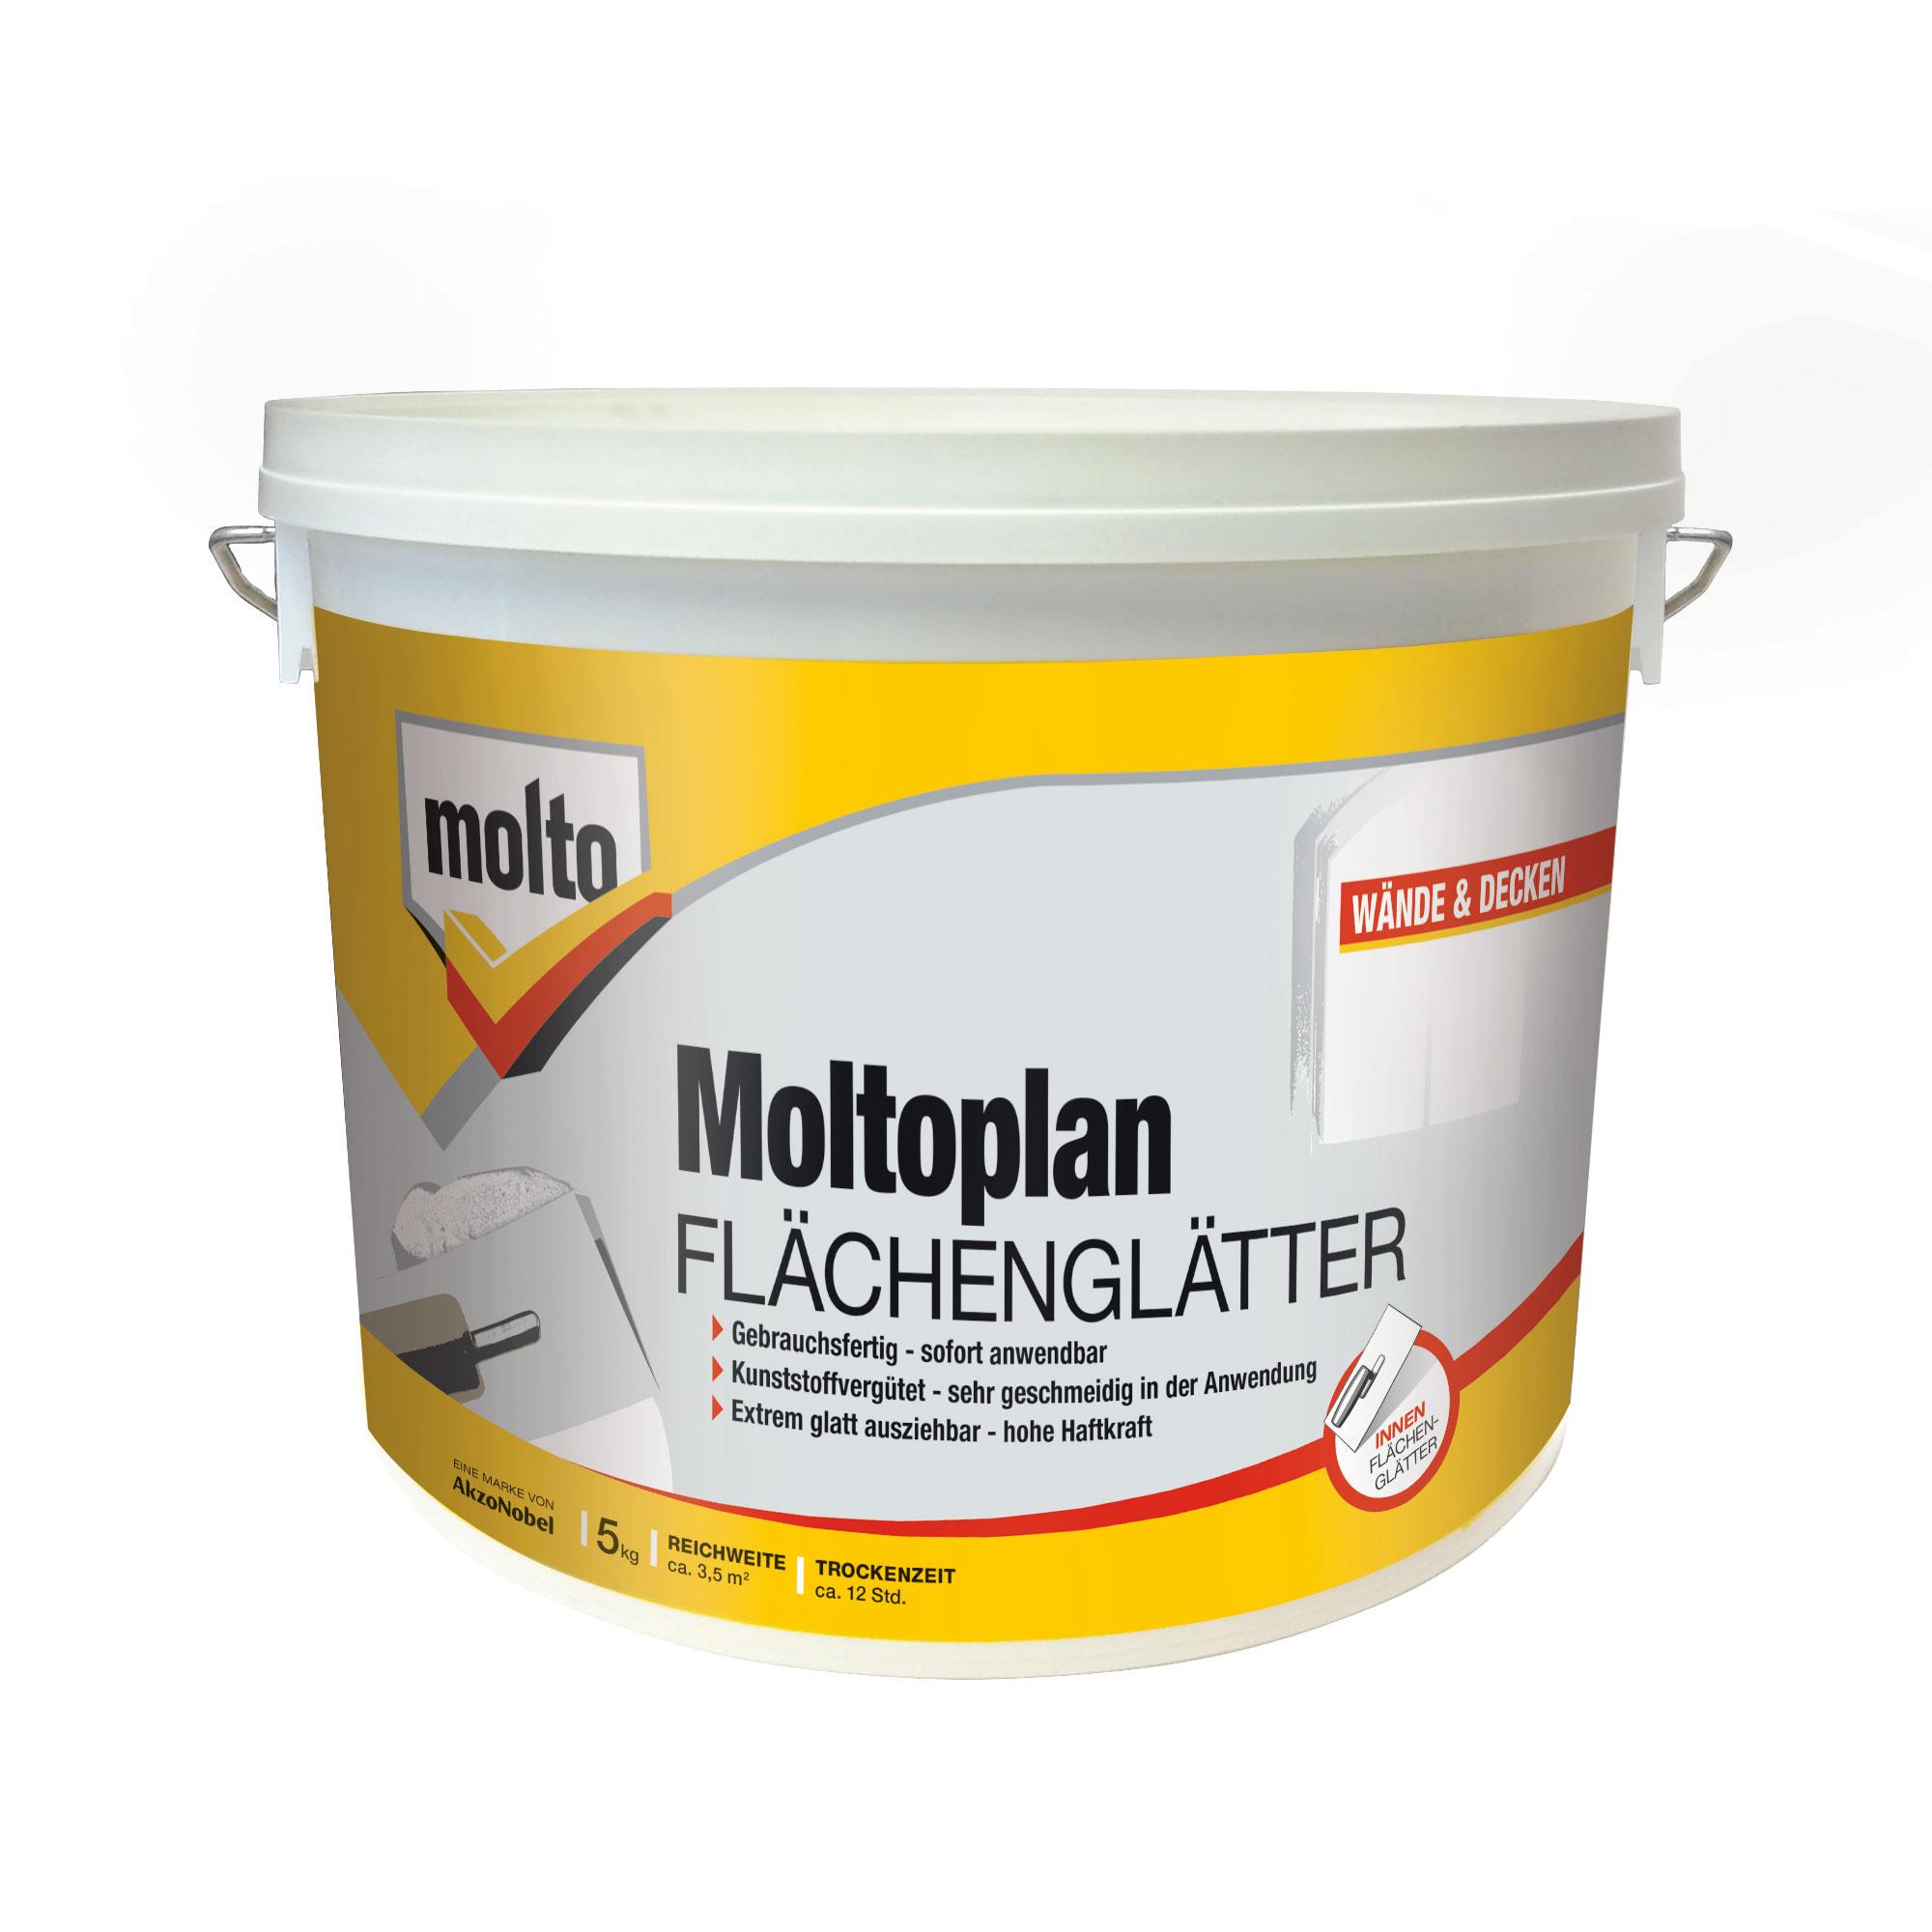 molto flächenglätter moltofill fertigspachtel - zum glätten der wände